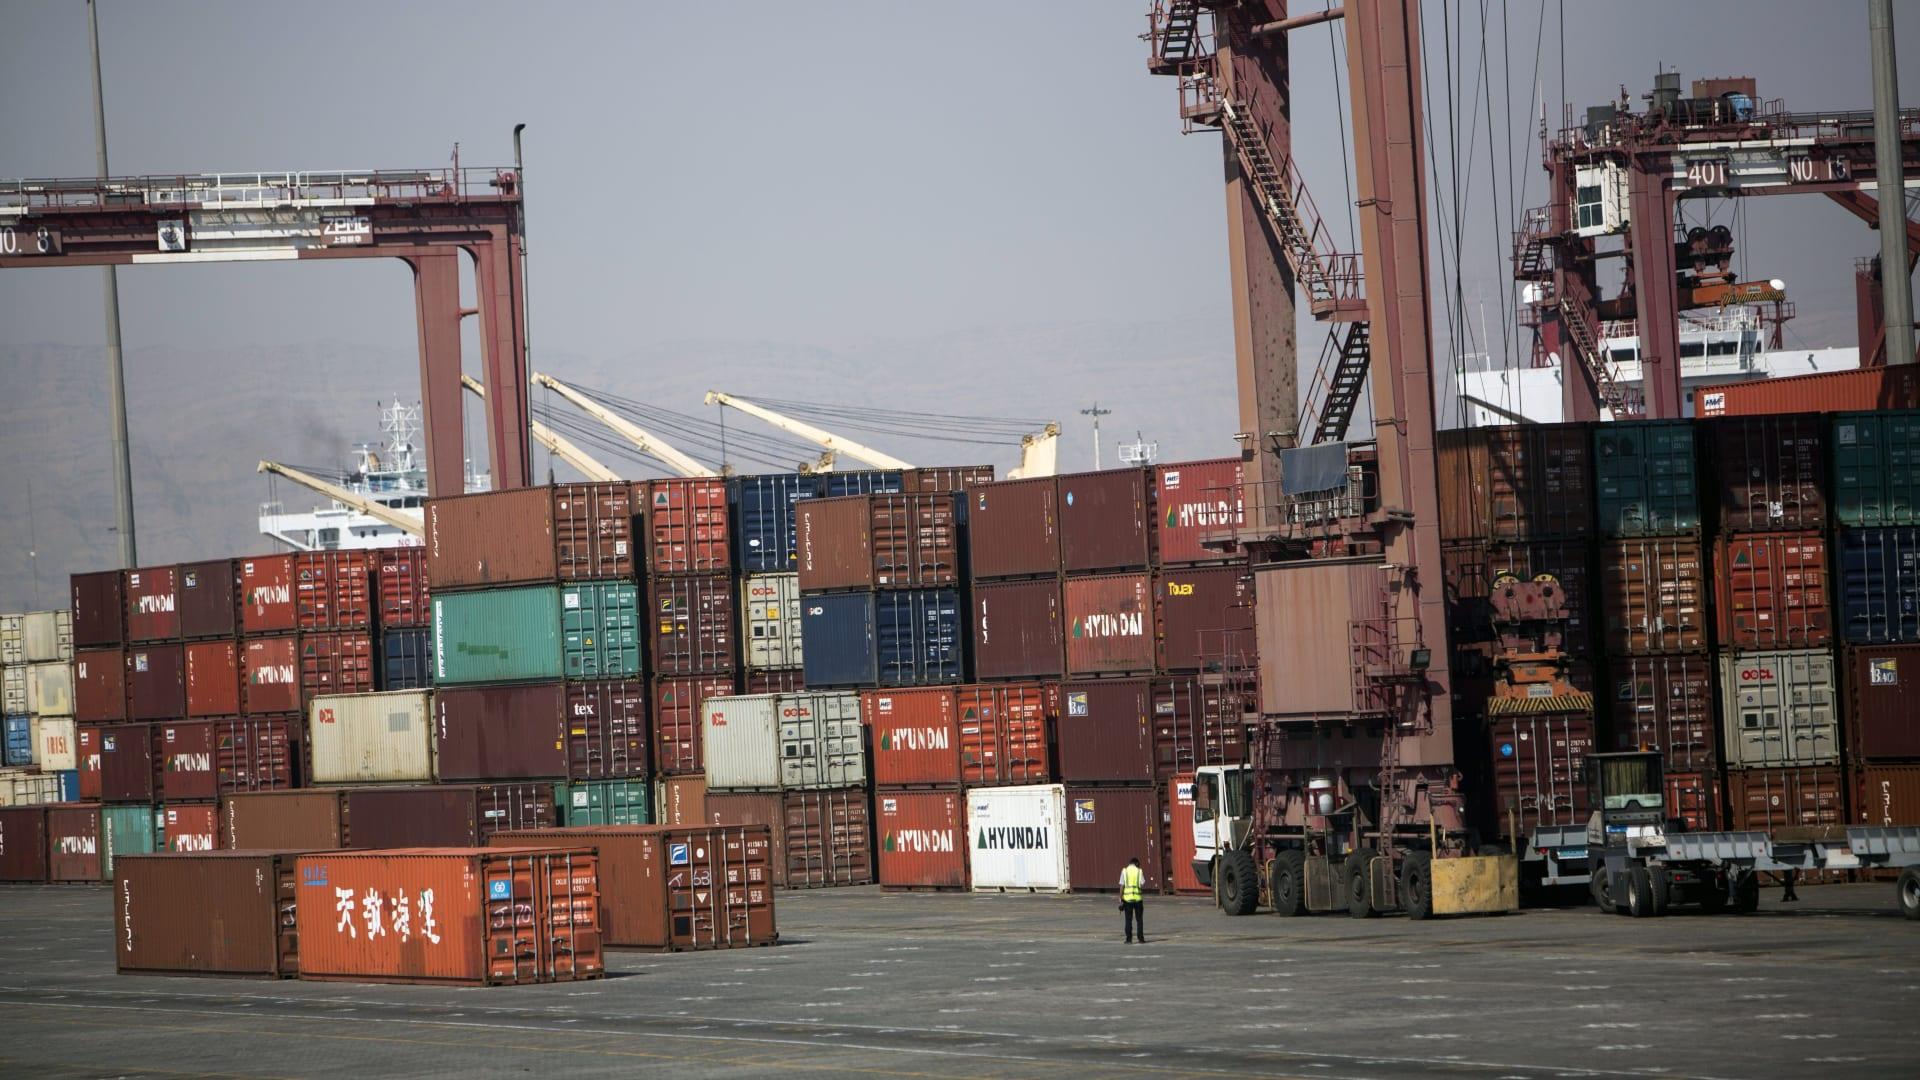 حاويات الشحن مكدسة في ميناء شهيد رجائي ، على بعد حوالي 20 كم غرب مدينة بندر عباس الساحلية، في 21 فبراير 2016.